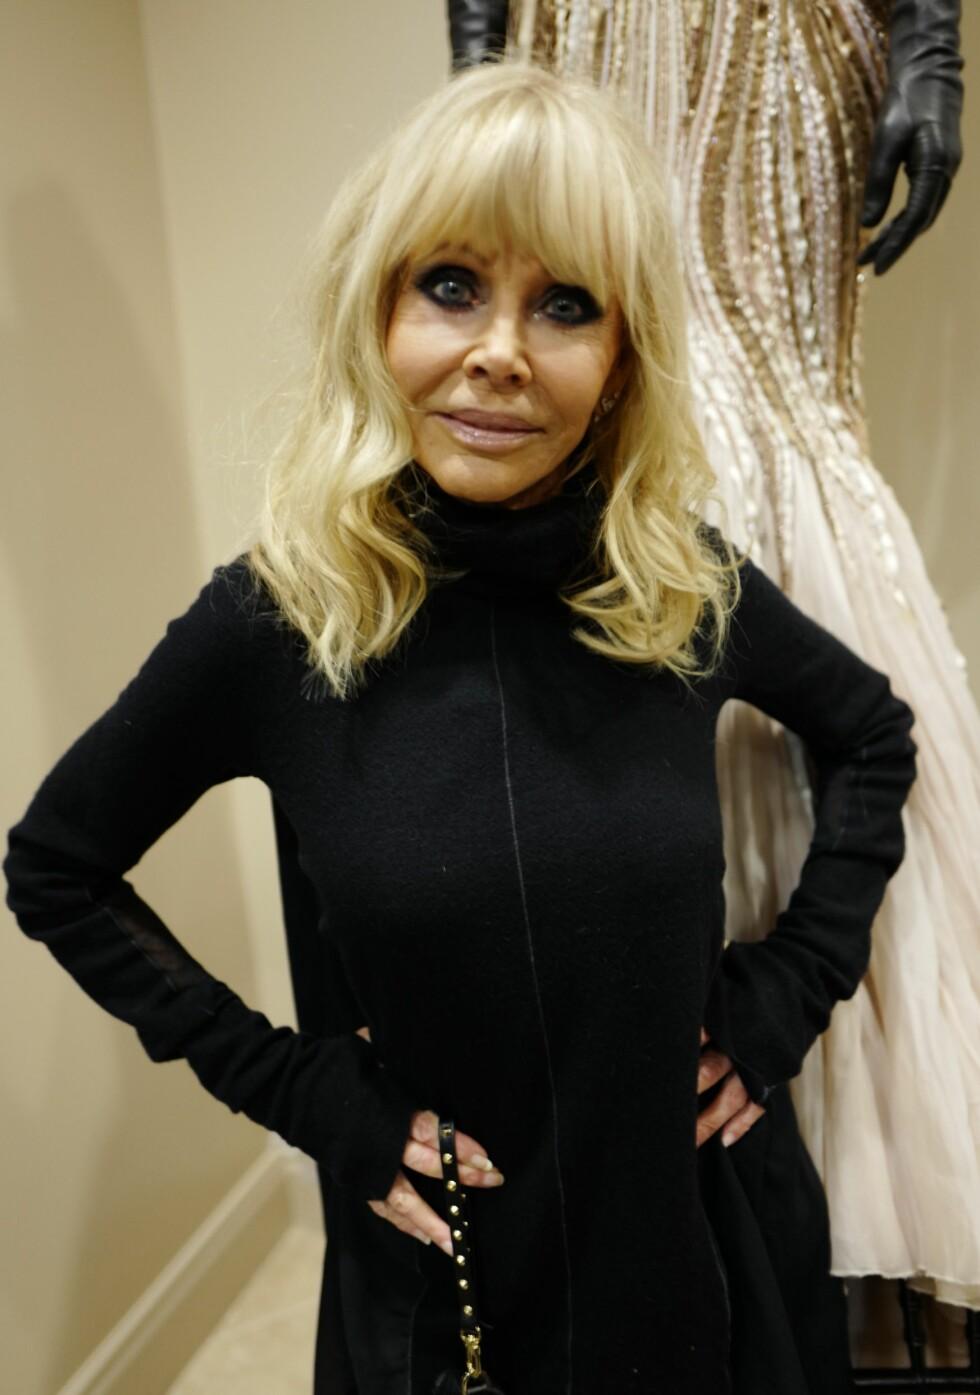 FYLLER 75 ÅR: 6. oktober fyller Britt Ekland 75 år.